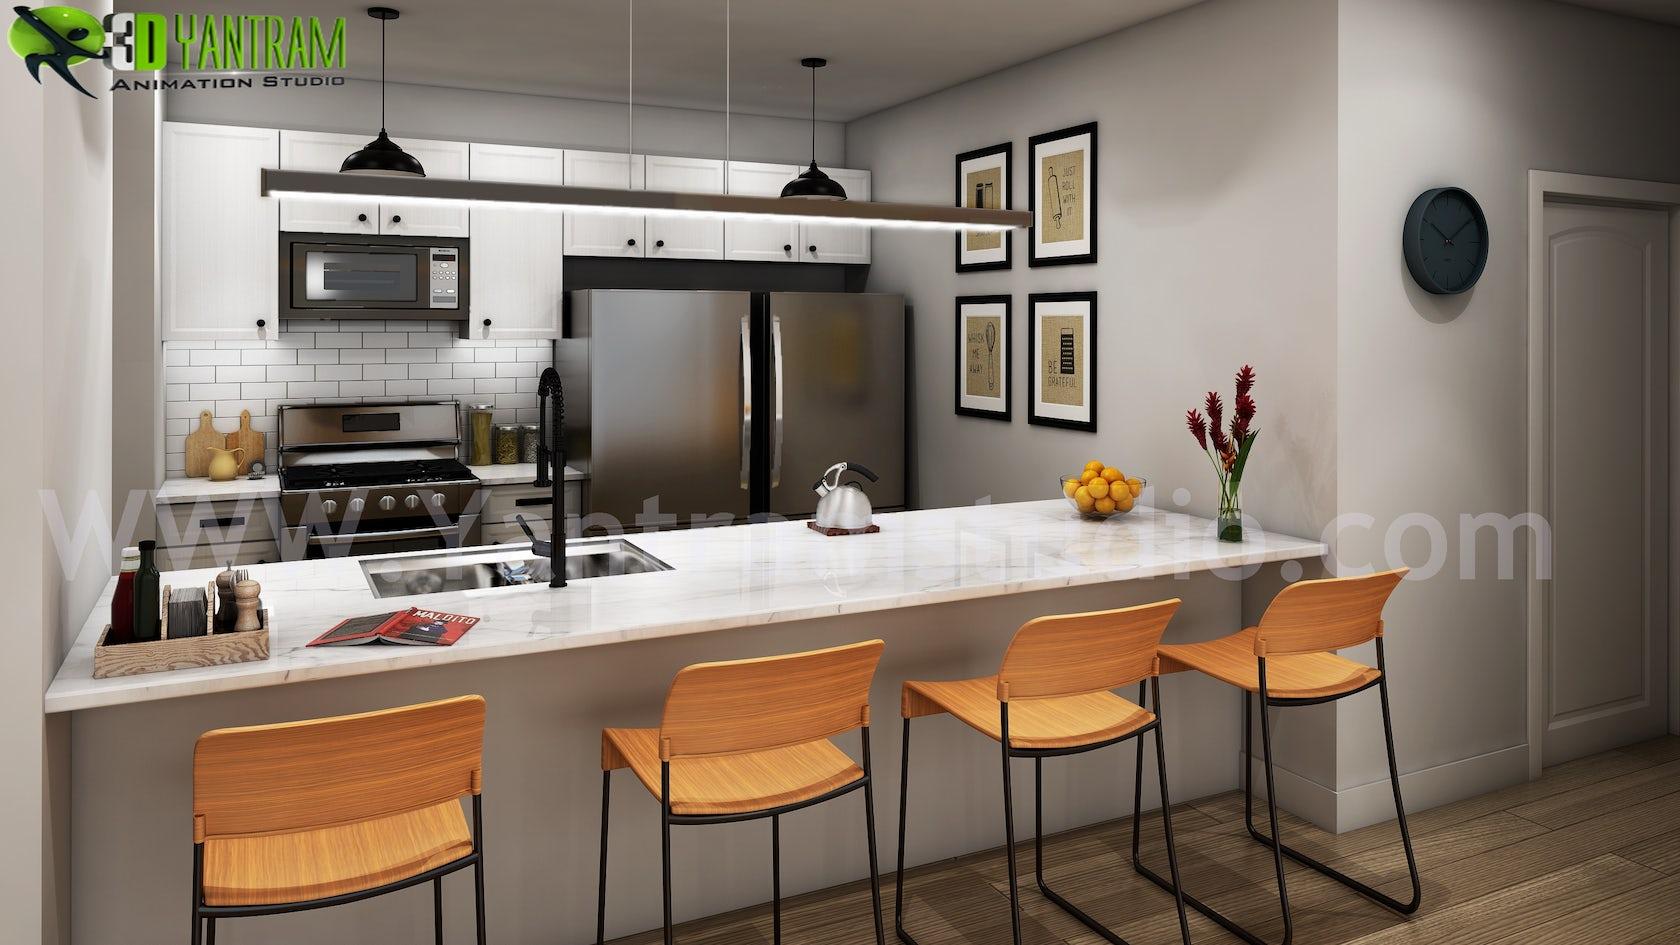 Modern Small Kitchen Design Ideas by Yantram 20d Interior Rendering ...